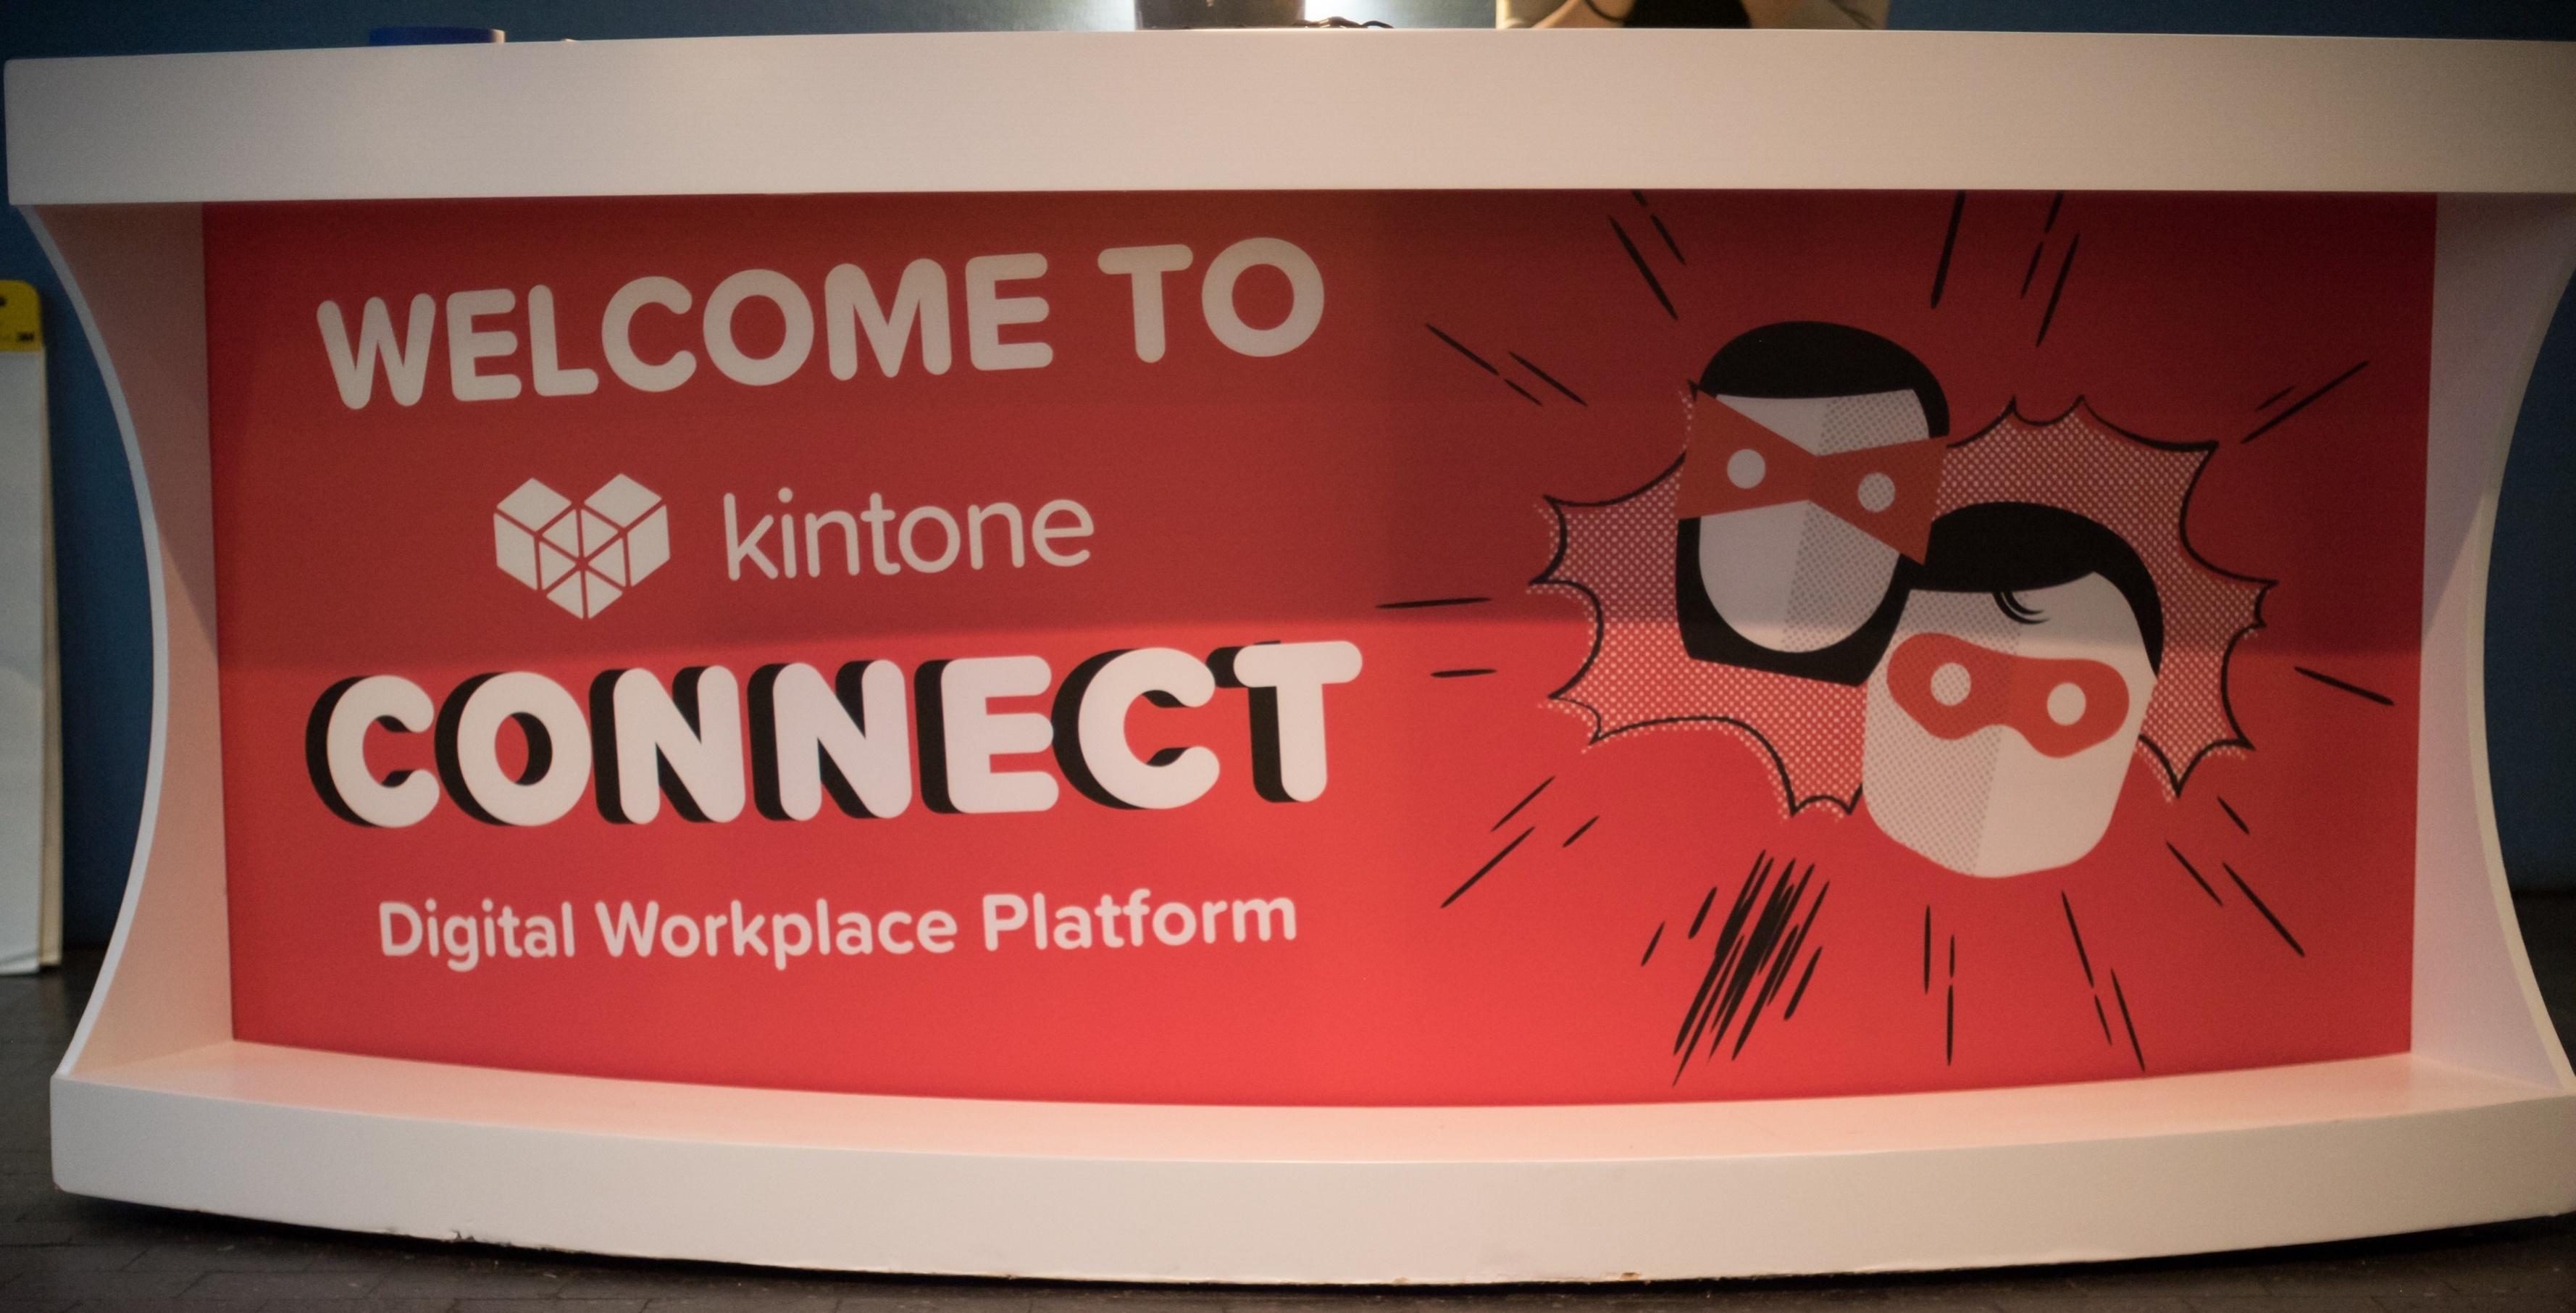 Kintone_110317_526-965879-edited.jpg